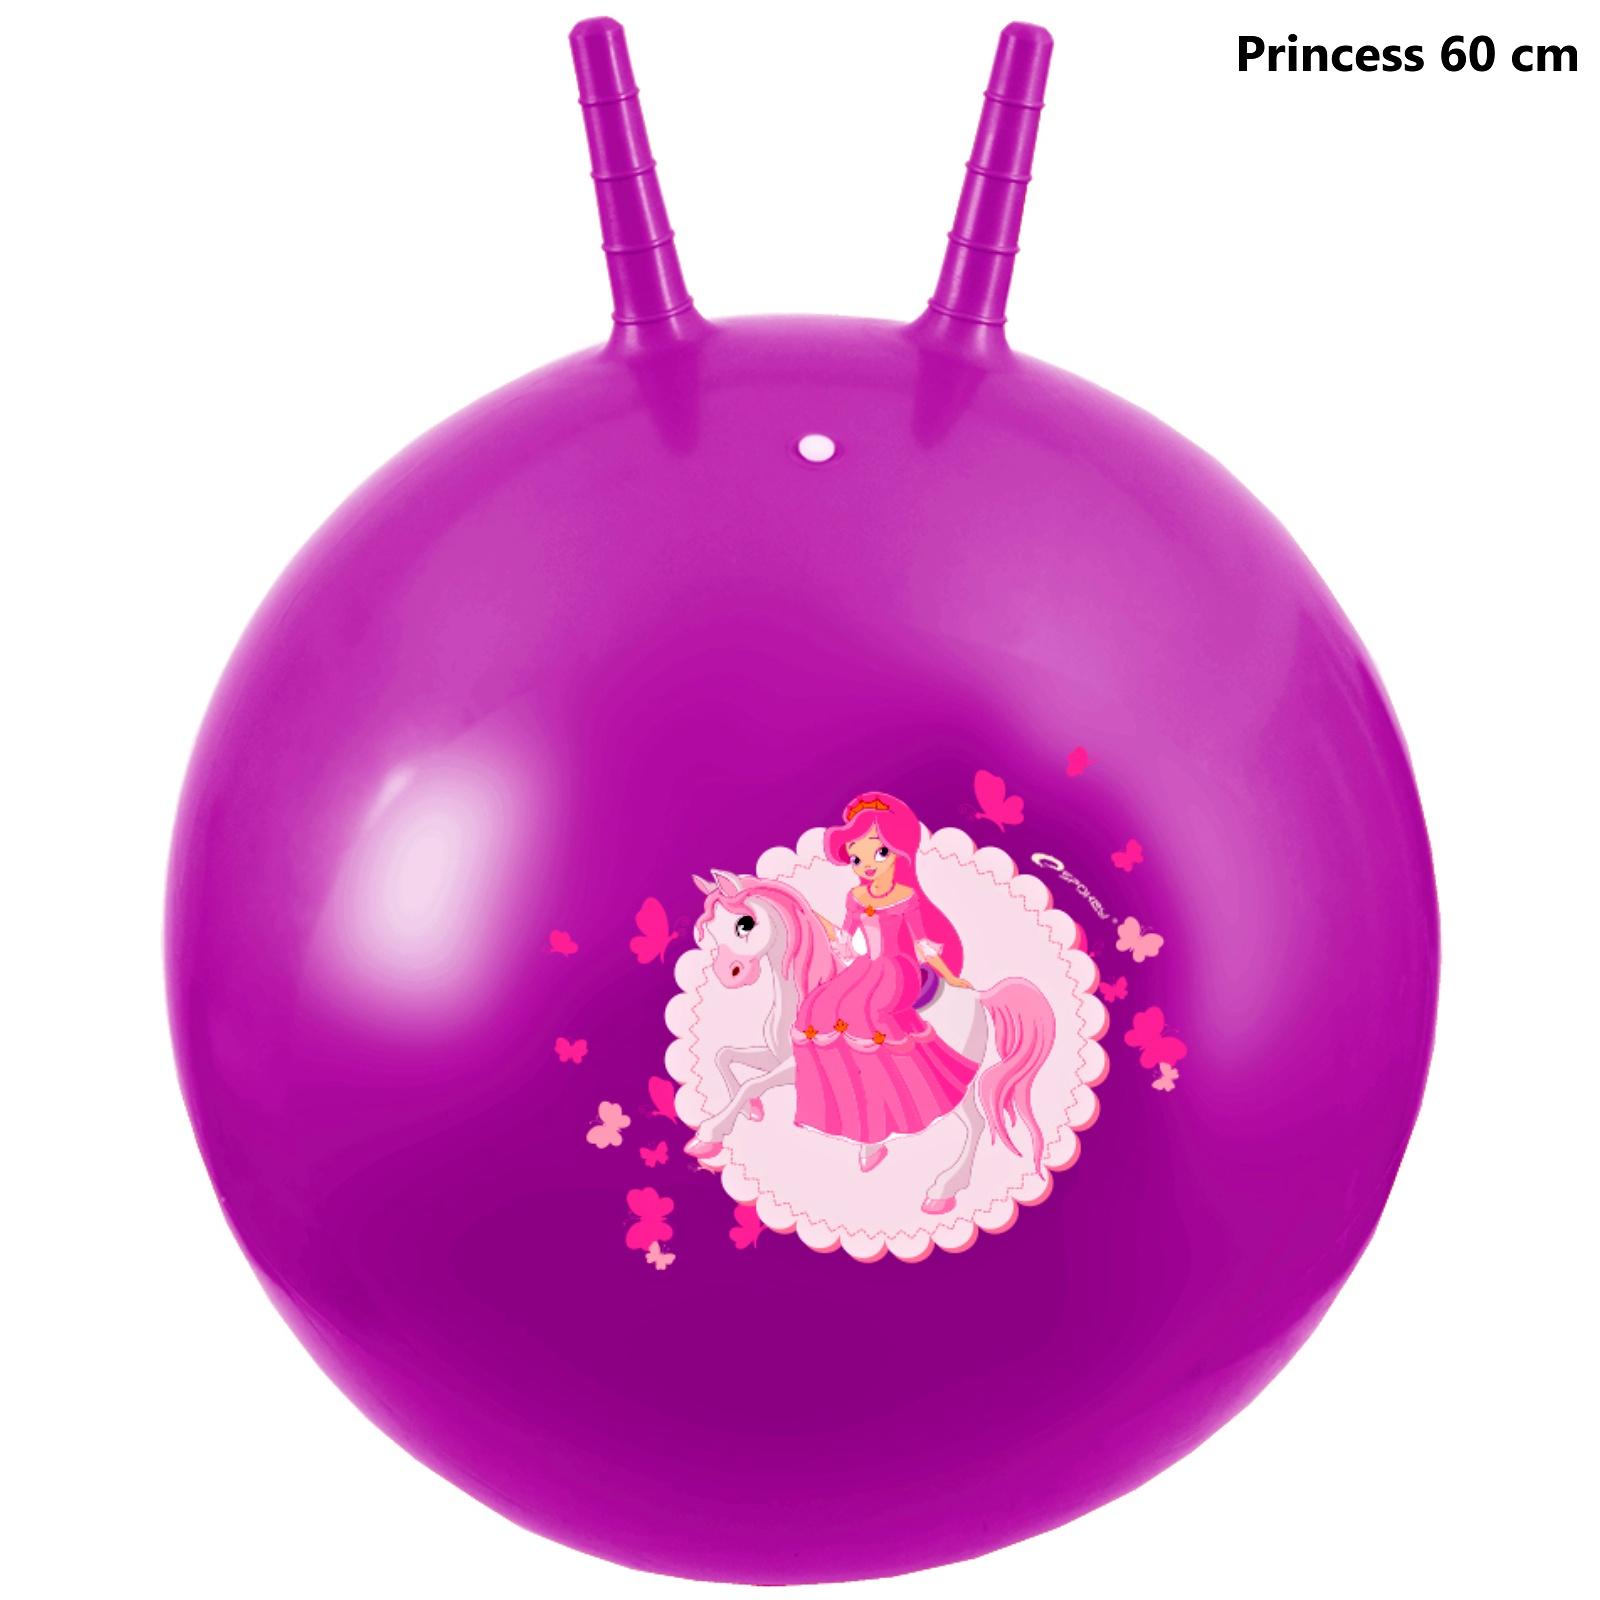 Skákací míč SPOKEY Princess 60 cm